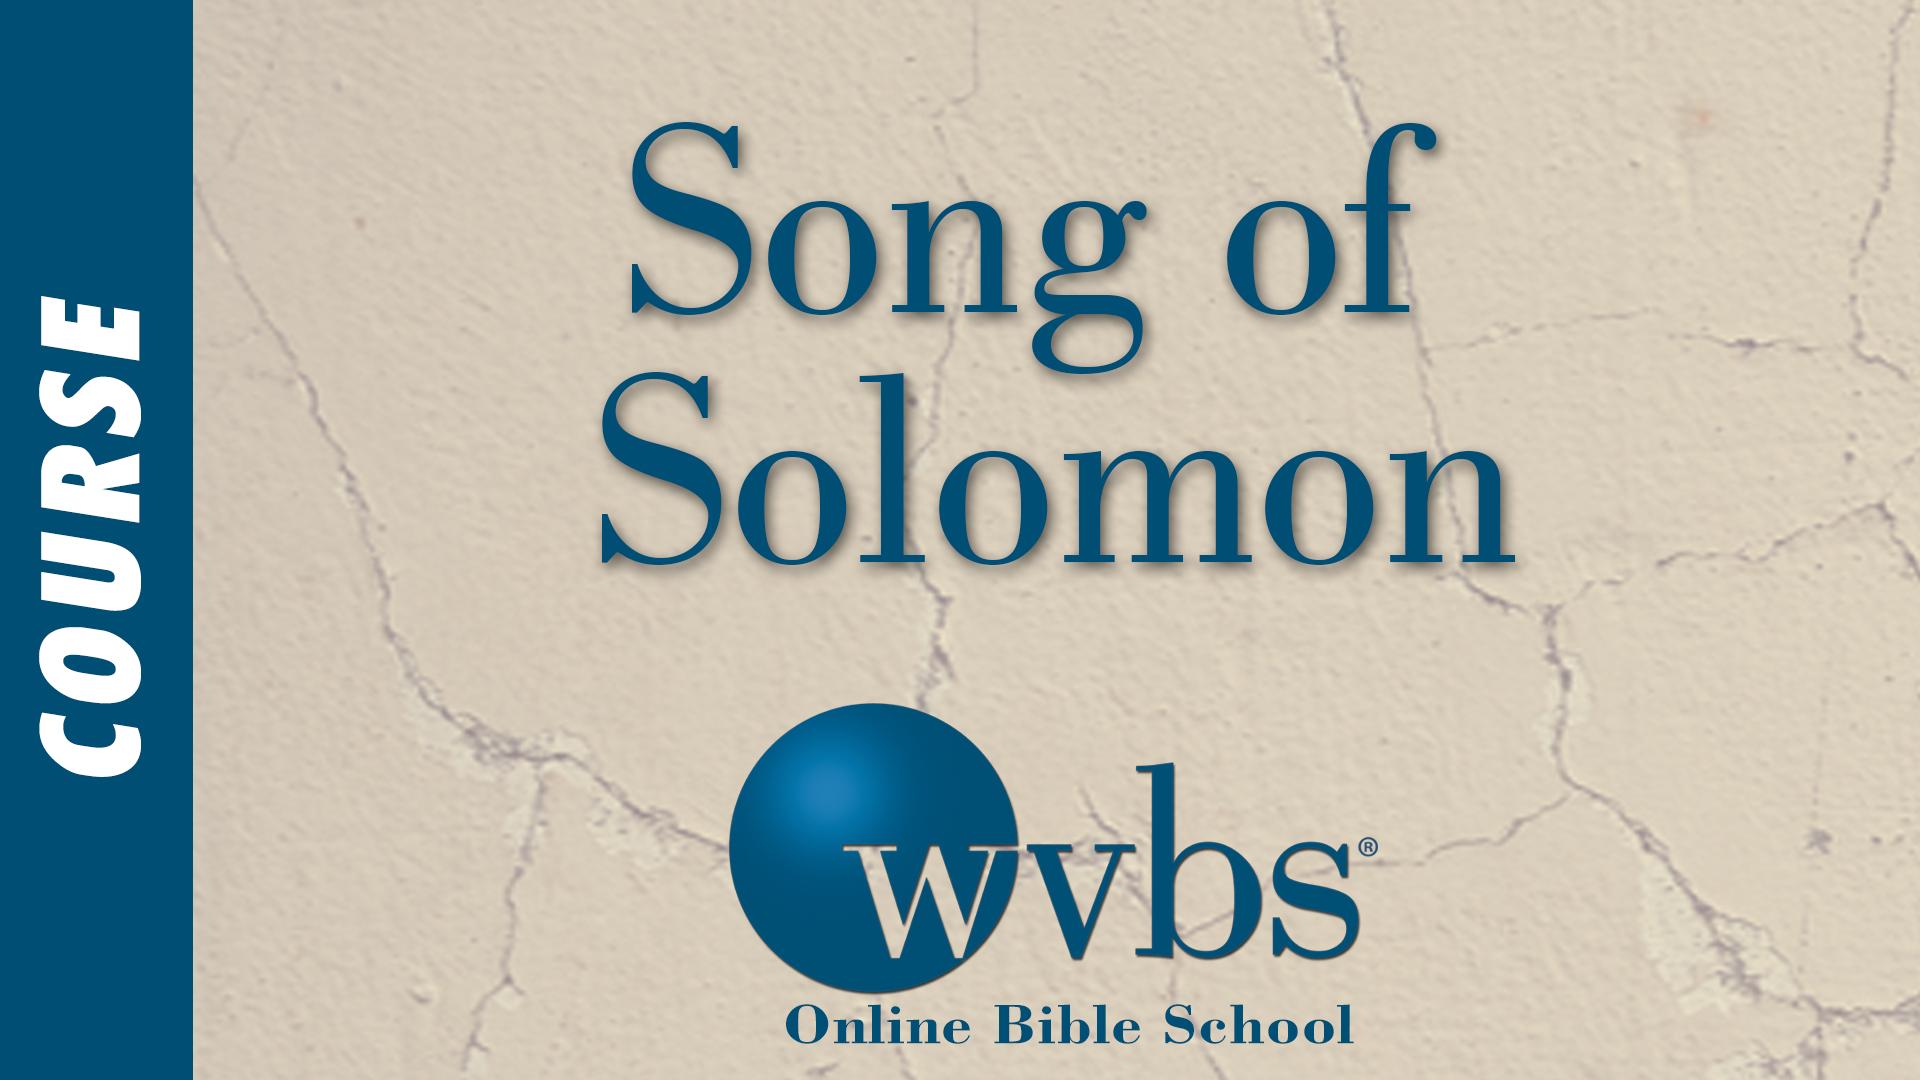 Song of Solomon (Online Bible School)